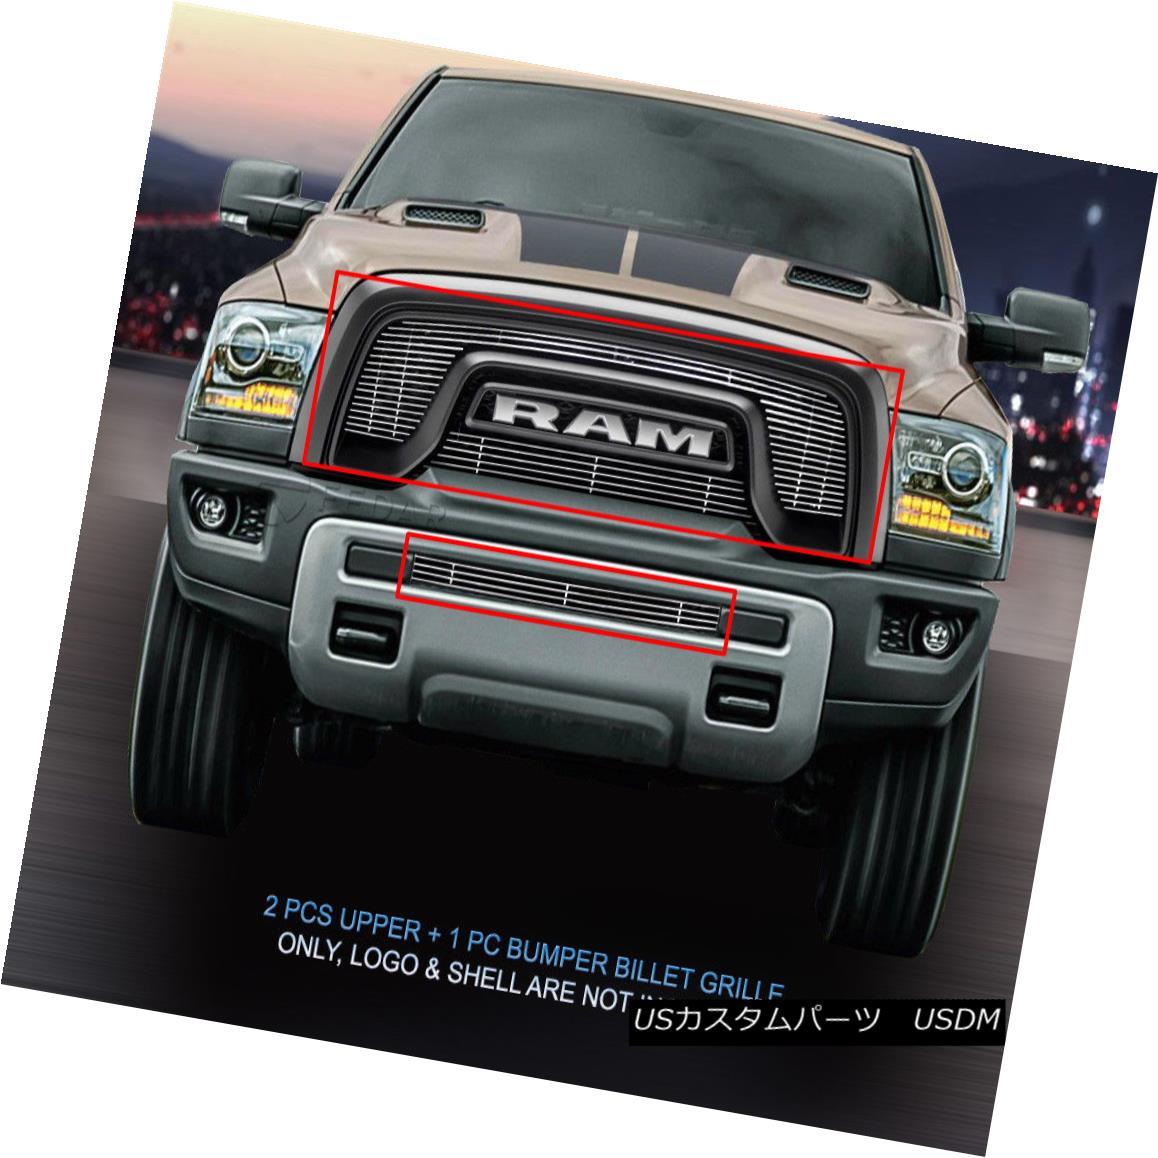 グリル Fedar Fits 2015-2017 Dodge RAM Rebel 1500 Polished Billet Grille Insert Fedarフィット2015-2017ドッジRAM Rebel 1500ポリッシュビレットグリルインサート